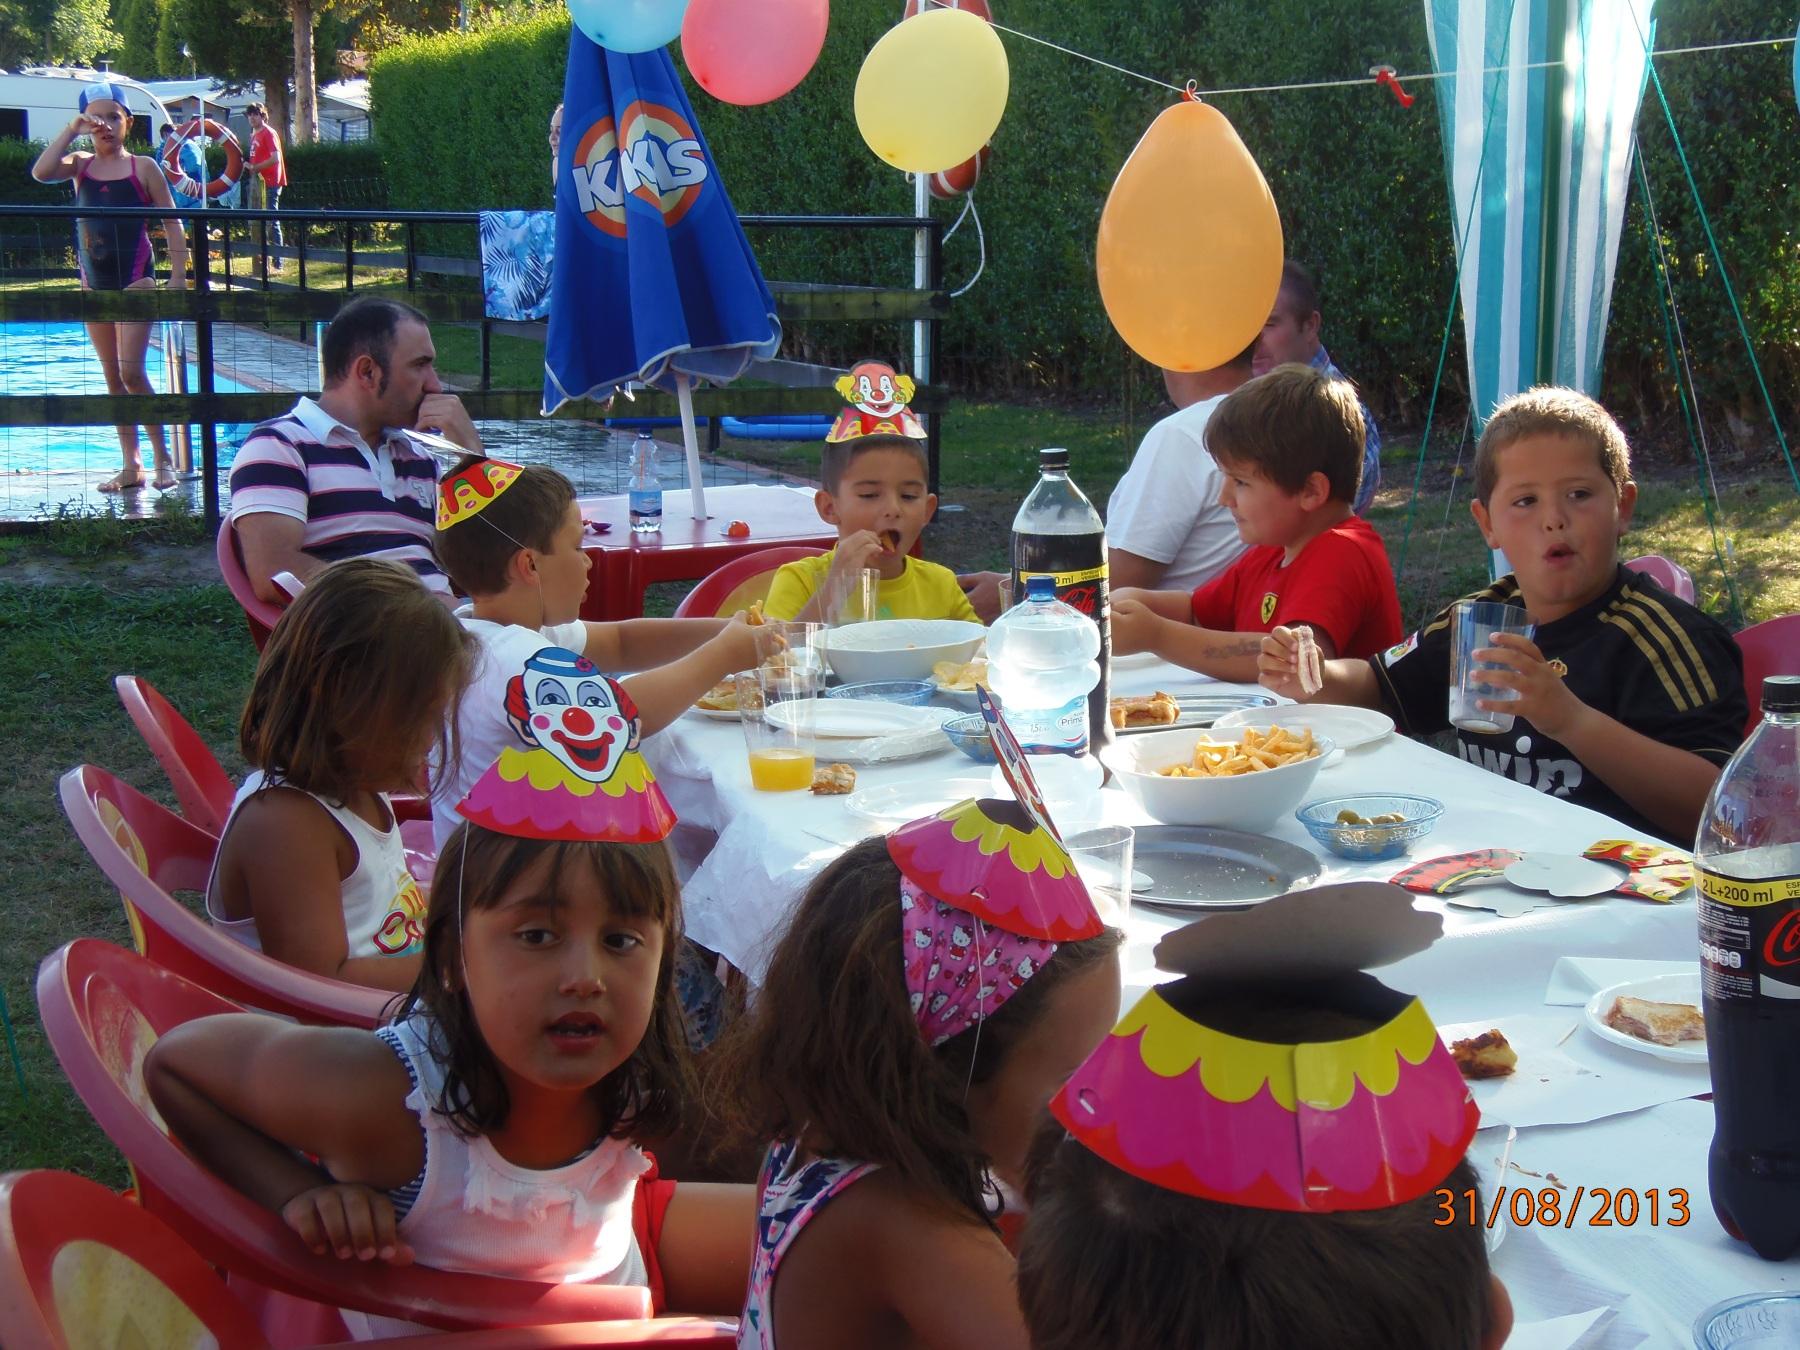 Celebra Tu Cumpleanos En Camping La Rasa Camping Villaviciosa